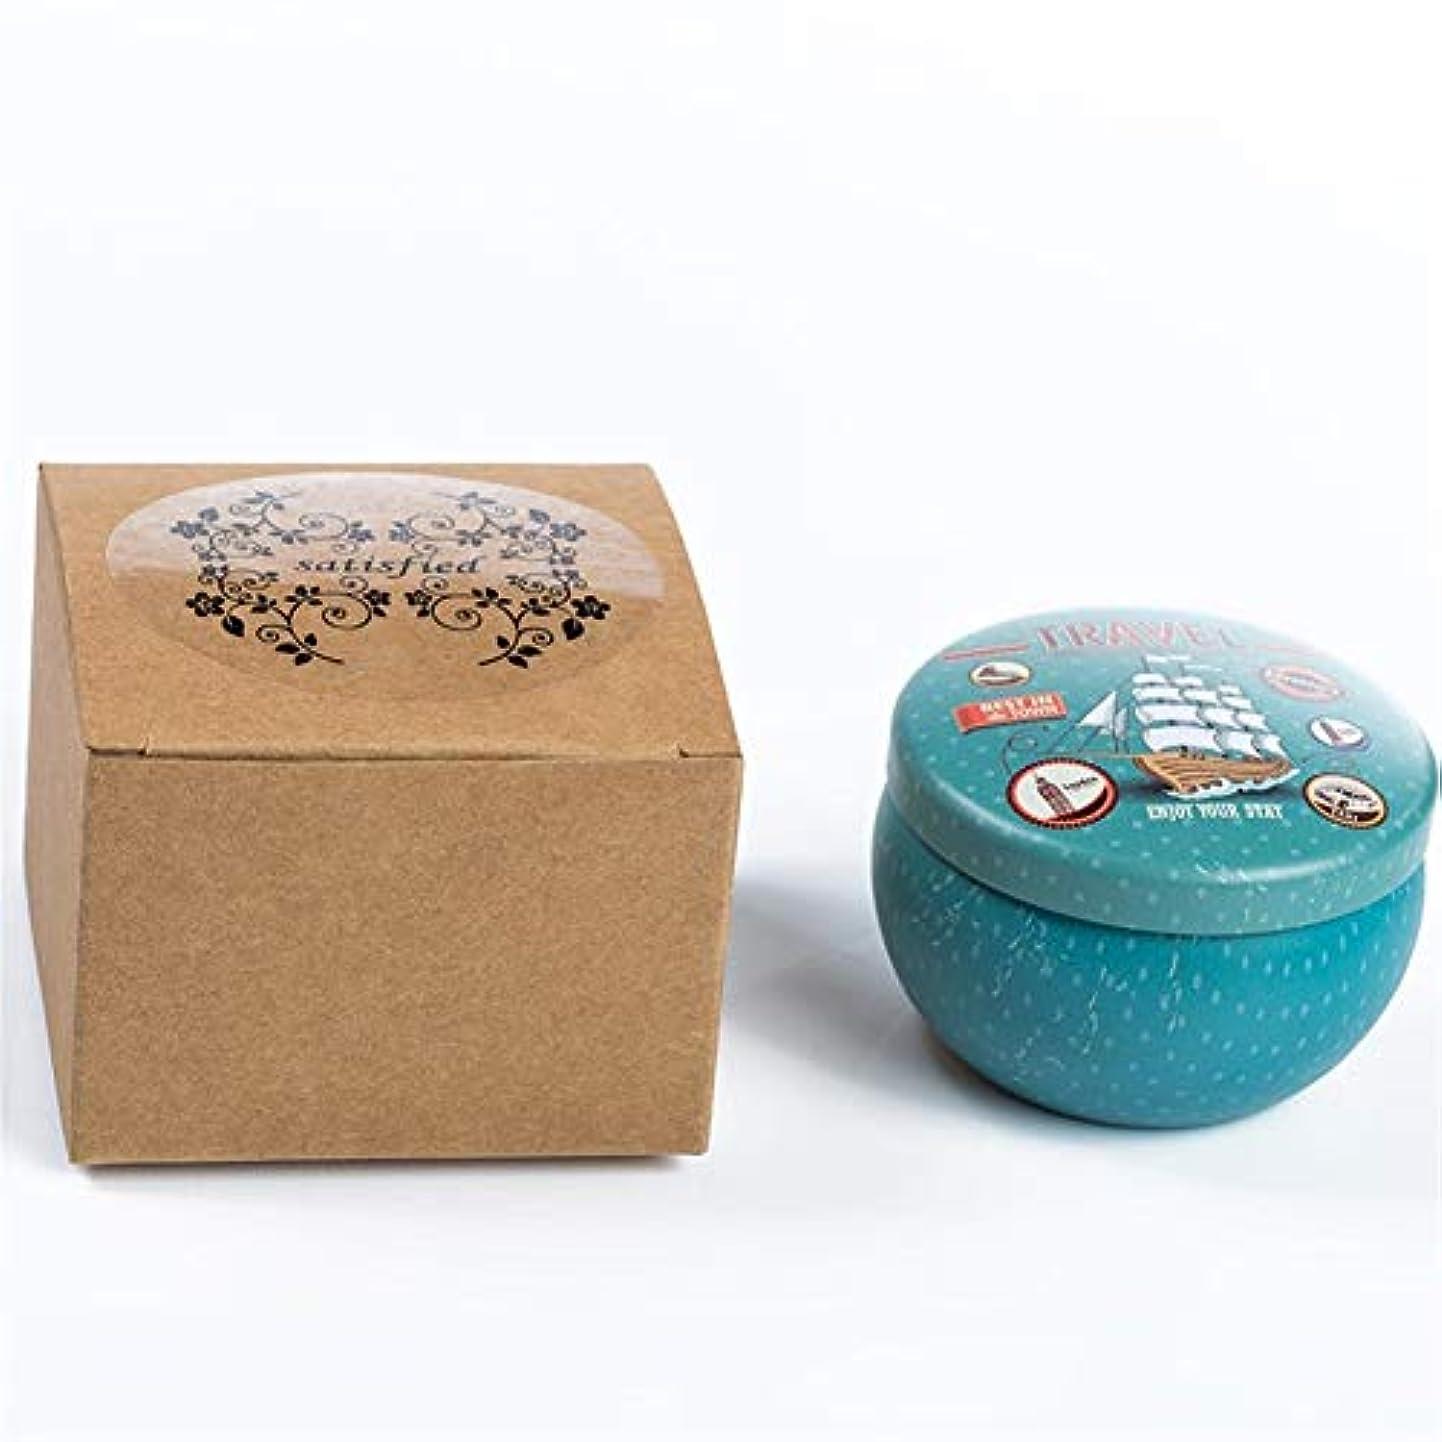 ウールジャニスブルゴーニュGuomao 漫画のブリキの箱の香料入りの蝋燭の家のなだめるような睡眠、新しく、快適な臭いがする蝋燭 (色 : Lavender)